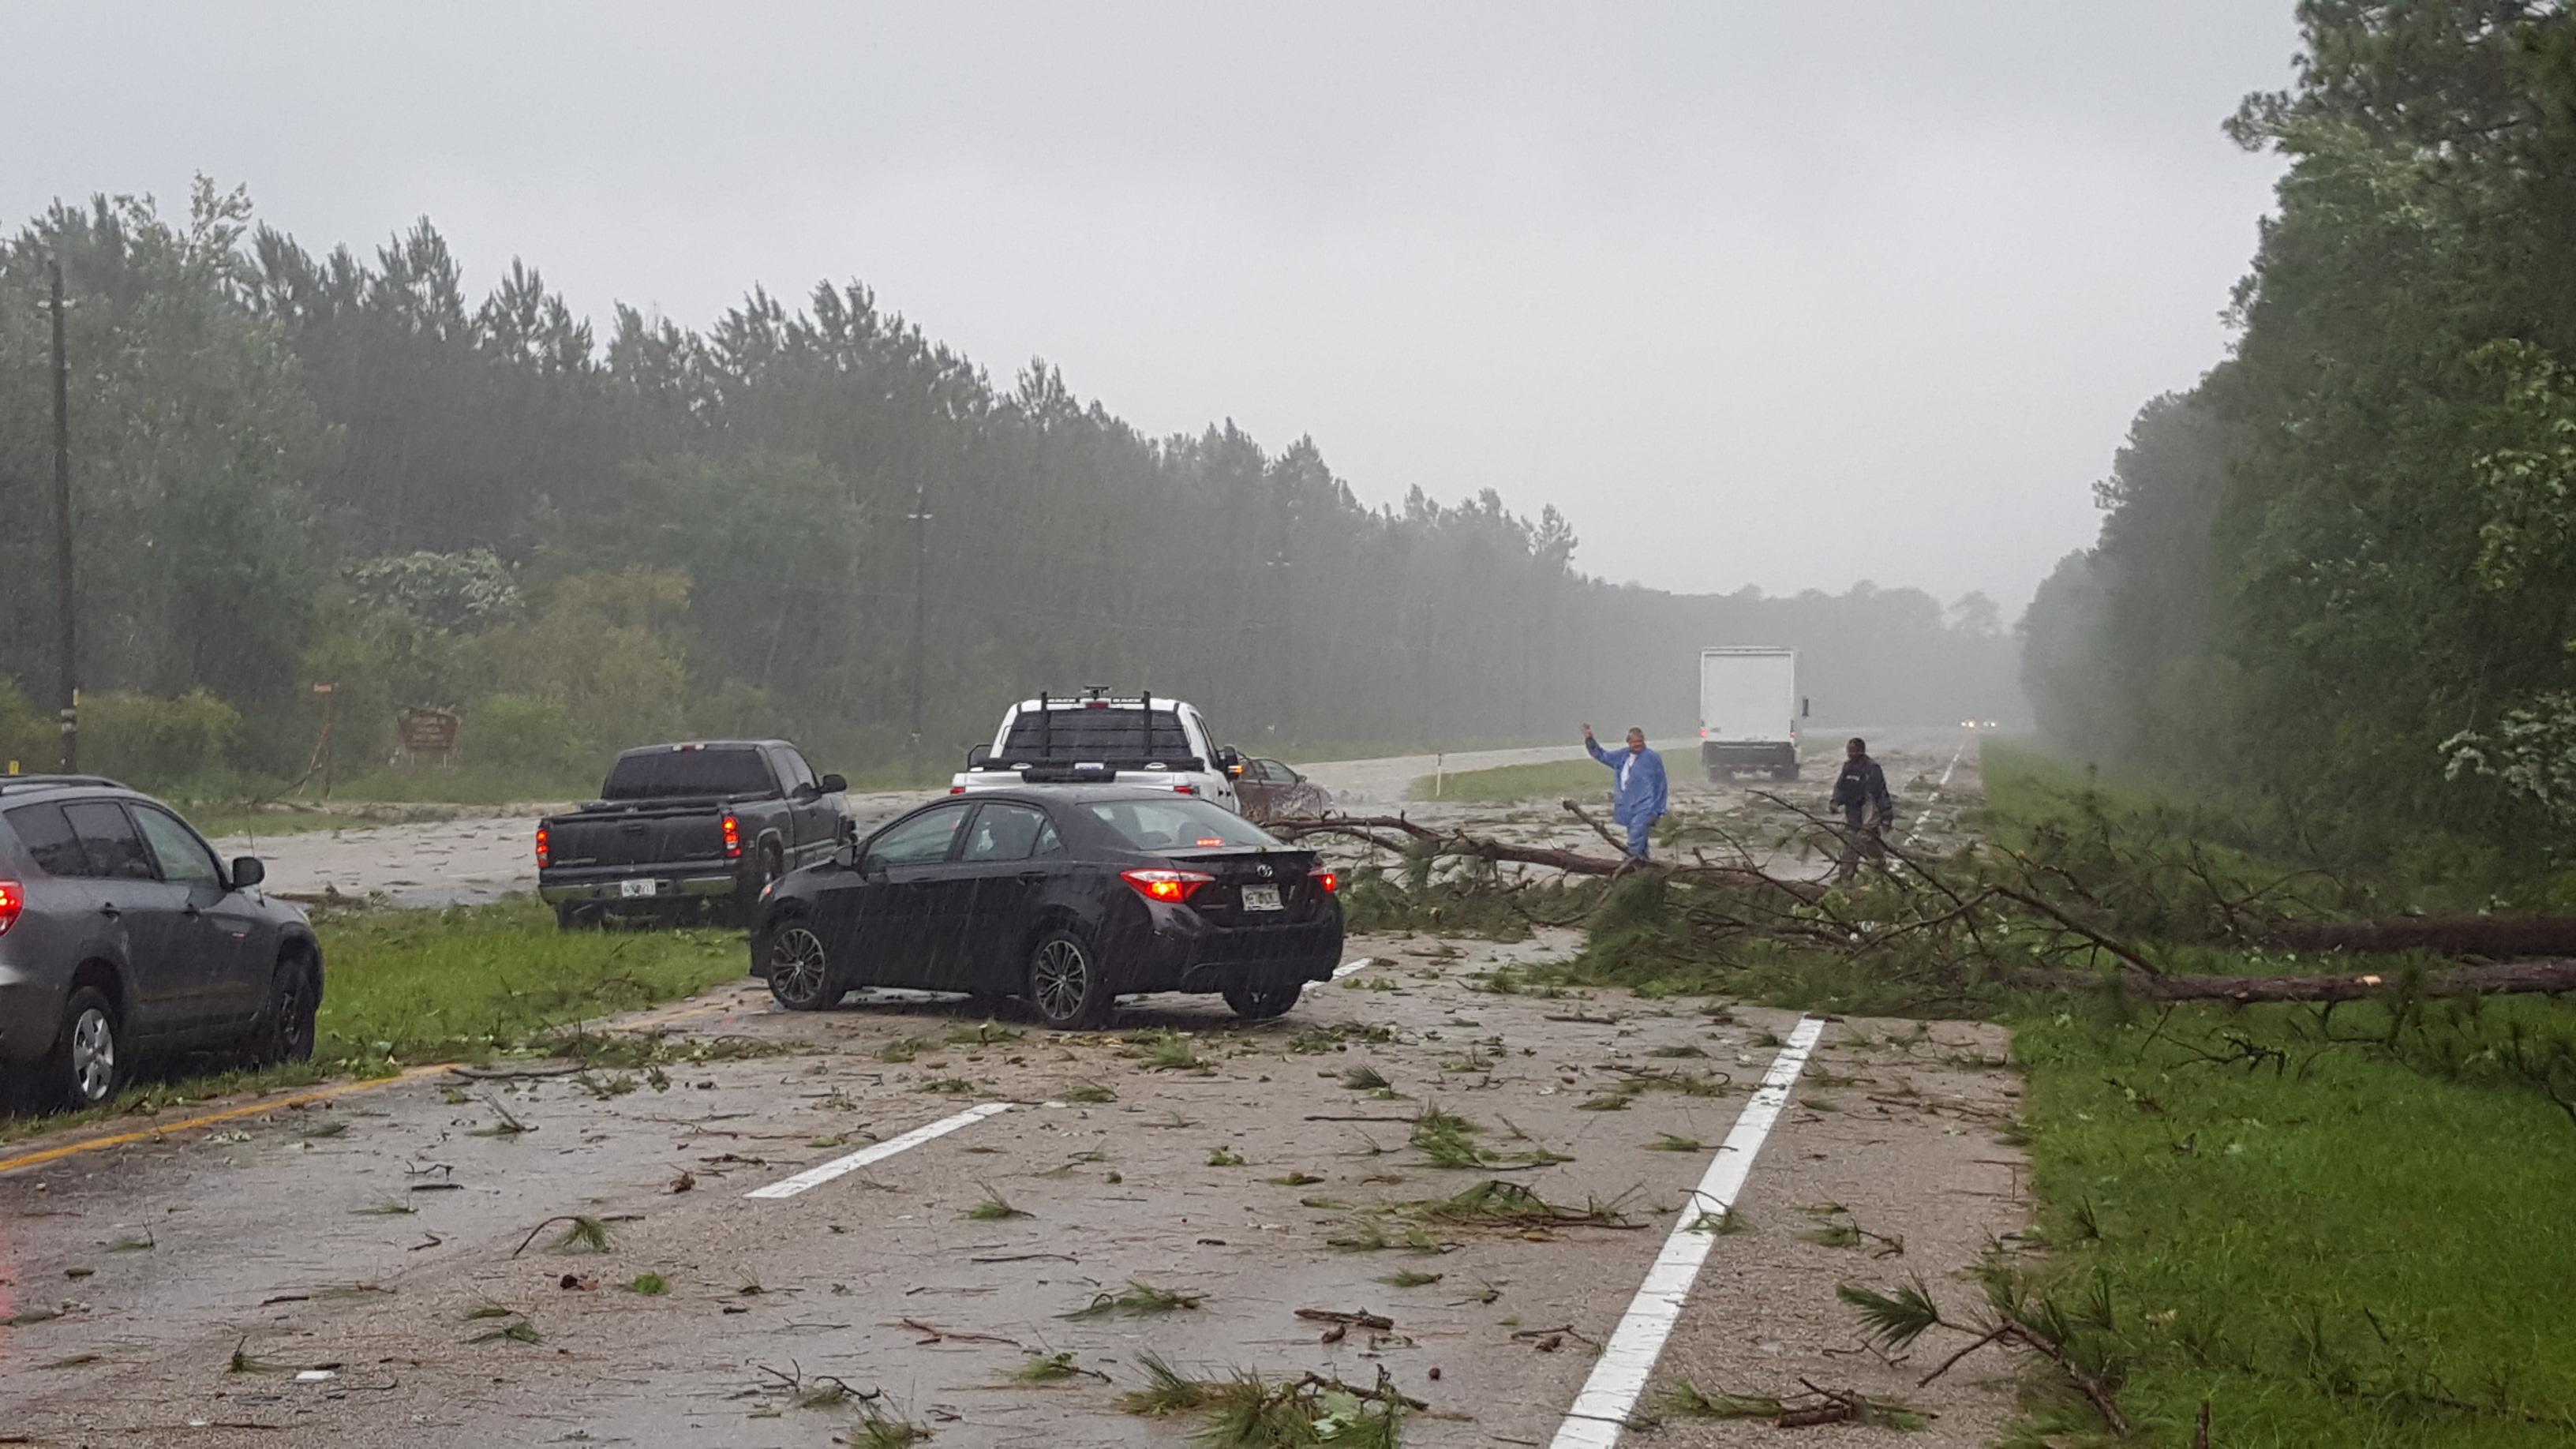 Tornadic EF1 Damage Dupont Roadway 06.06.2017